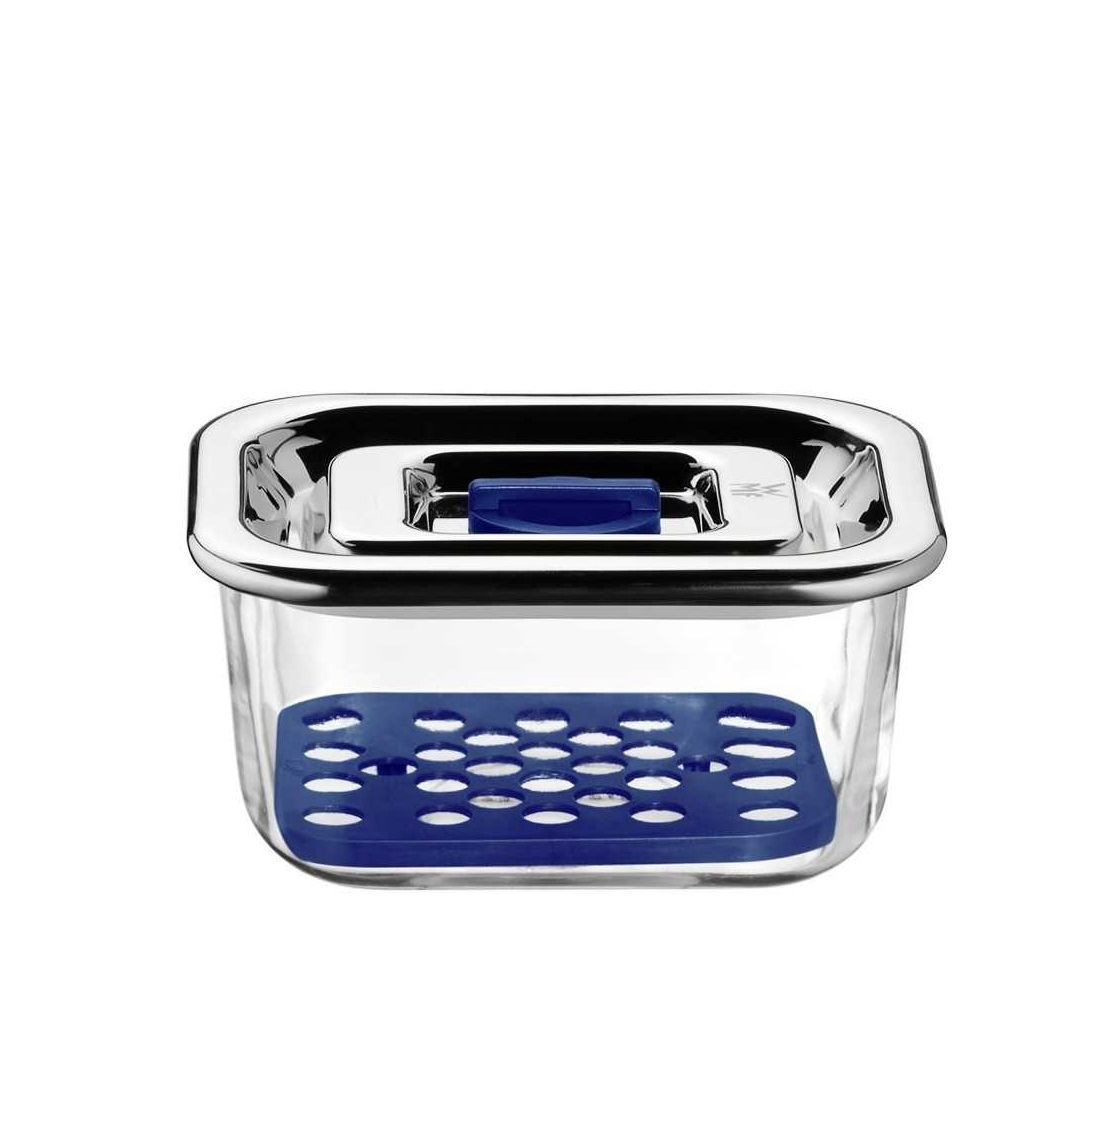 Емкость с крышкой для продуктов WMF Food Prep And Storage, 13х10 см, прозрачный с серебристым WMF 06 5488 6020 фото 1